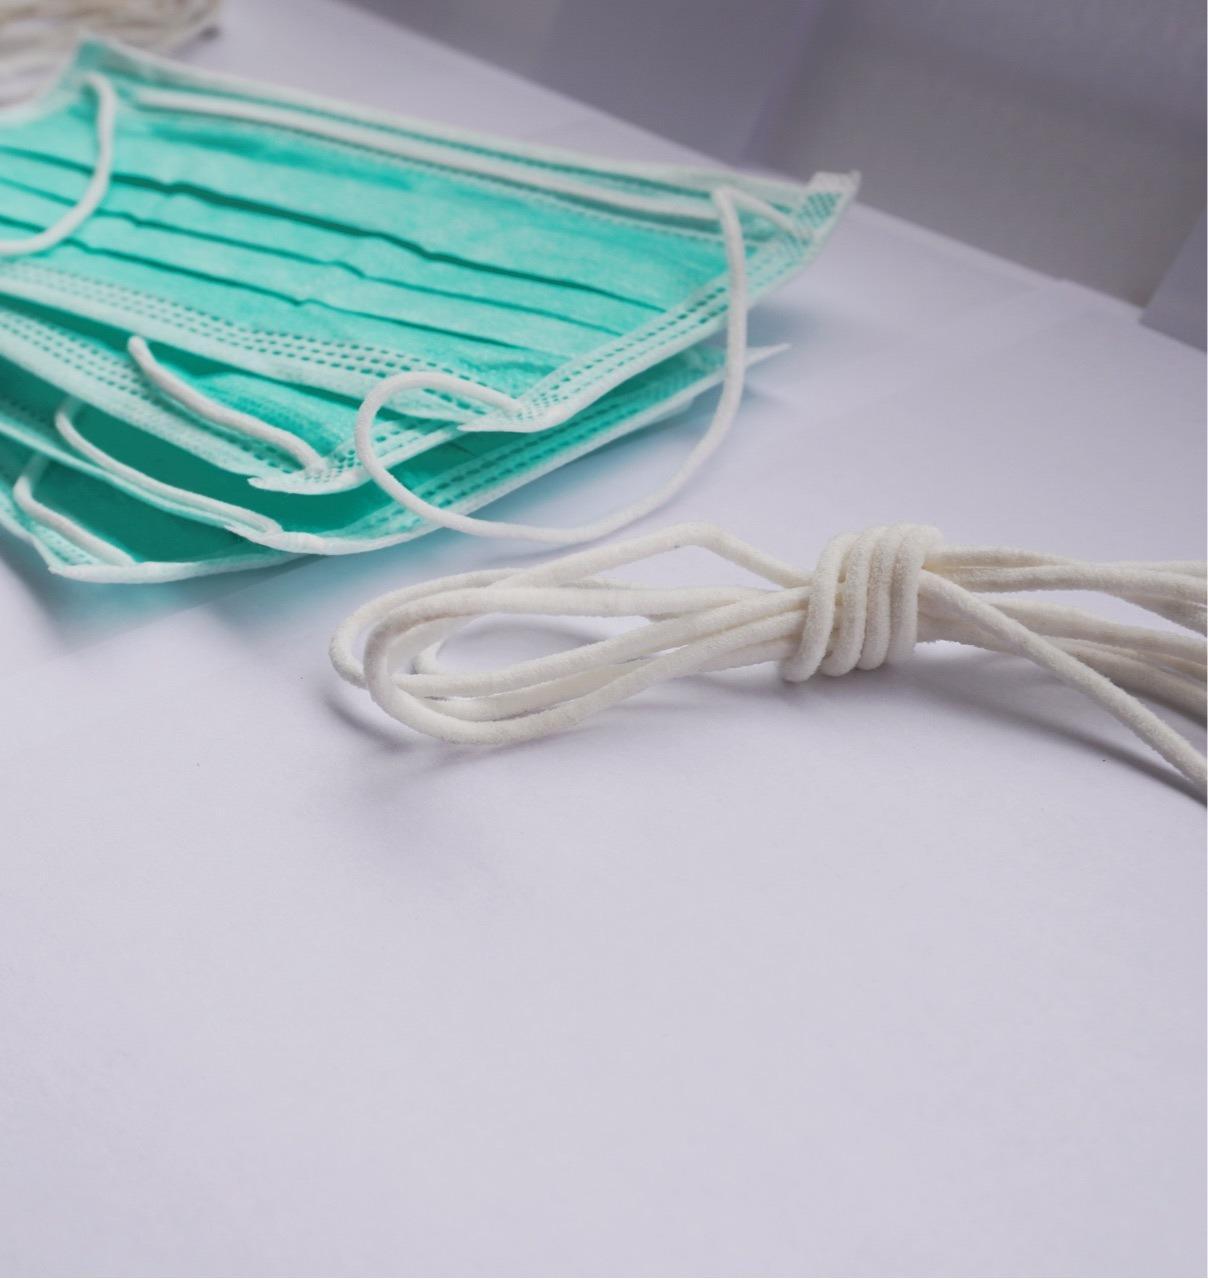 Good Price Factory Supply Round 3mm Earloop White Color Elastic Earloop Elastic Band